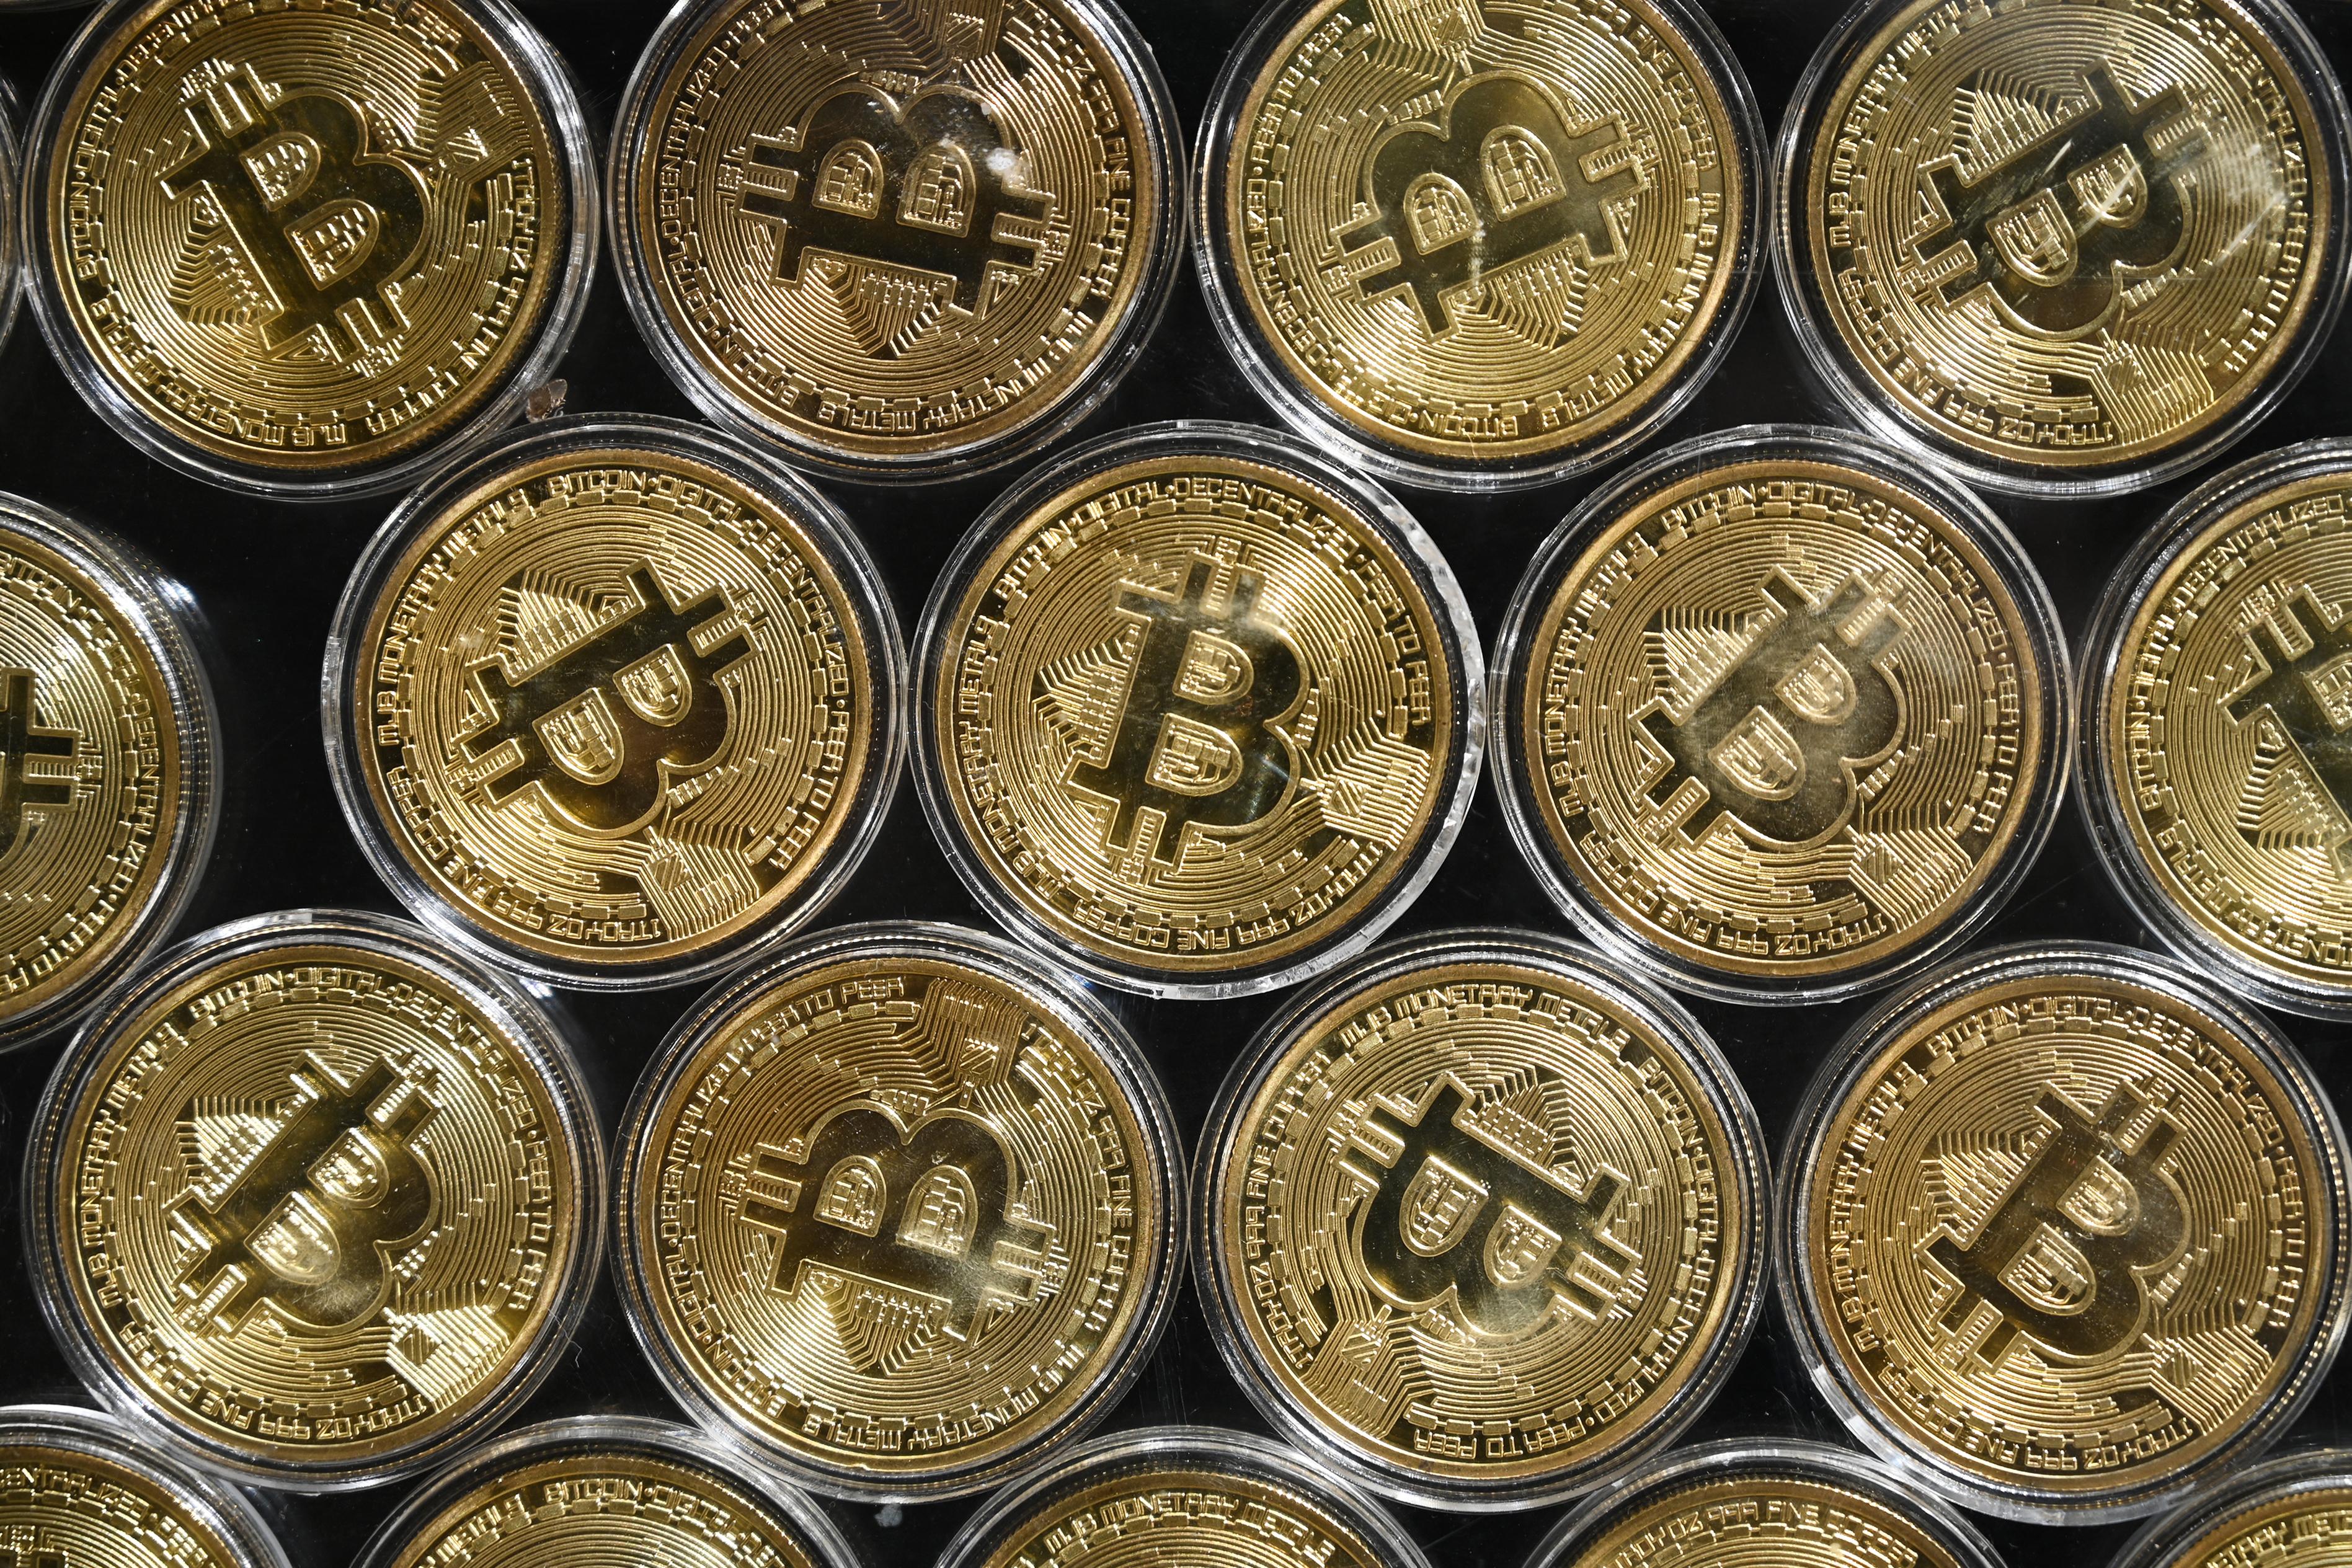 Dél-Korea 20 százalékos adót vet ki a kriptopénzen nyerészkedőkre